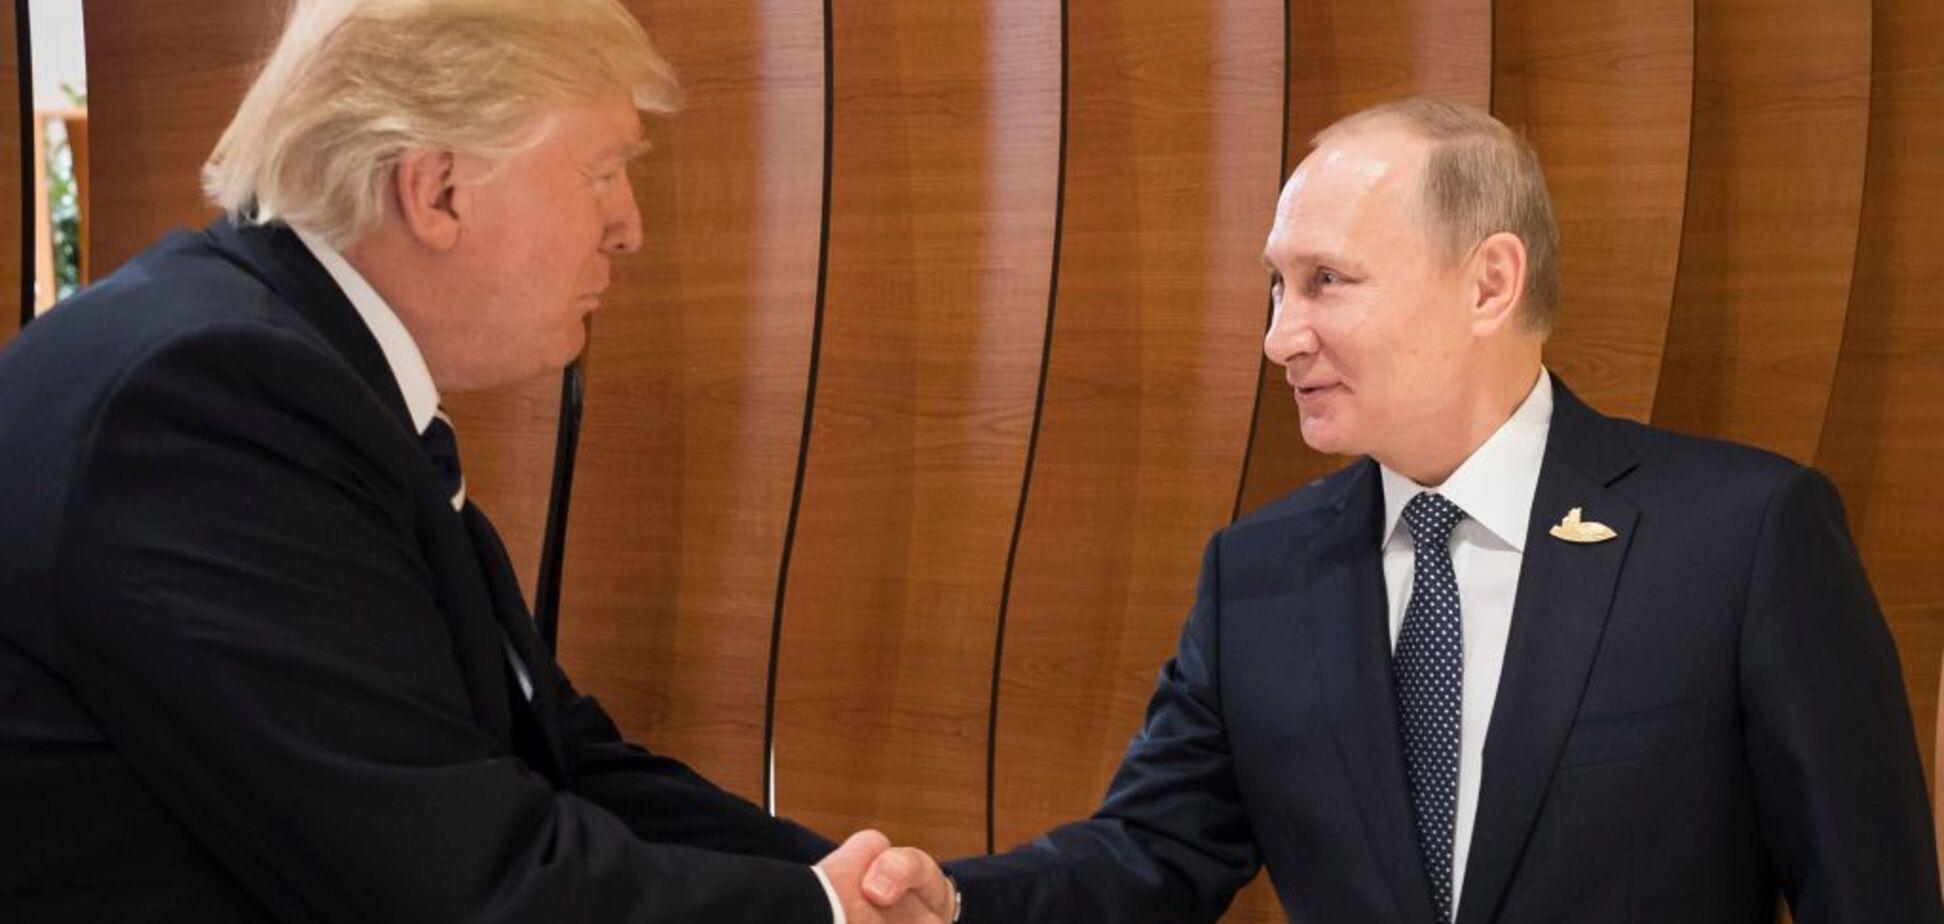 'Он скрывал!' Всплыли шокирующие факты о встречах Трампа с Путиным